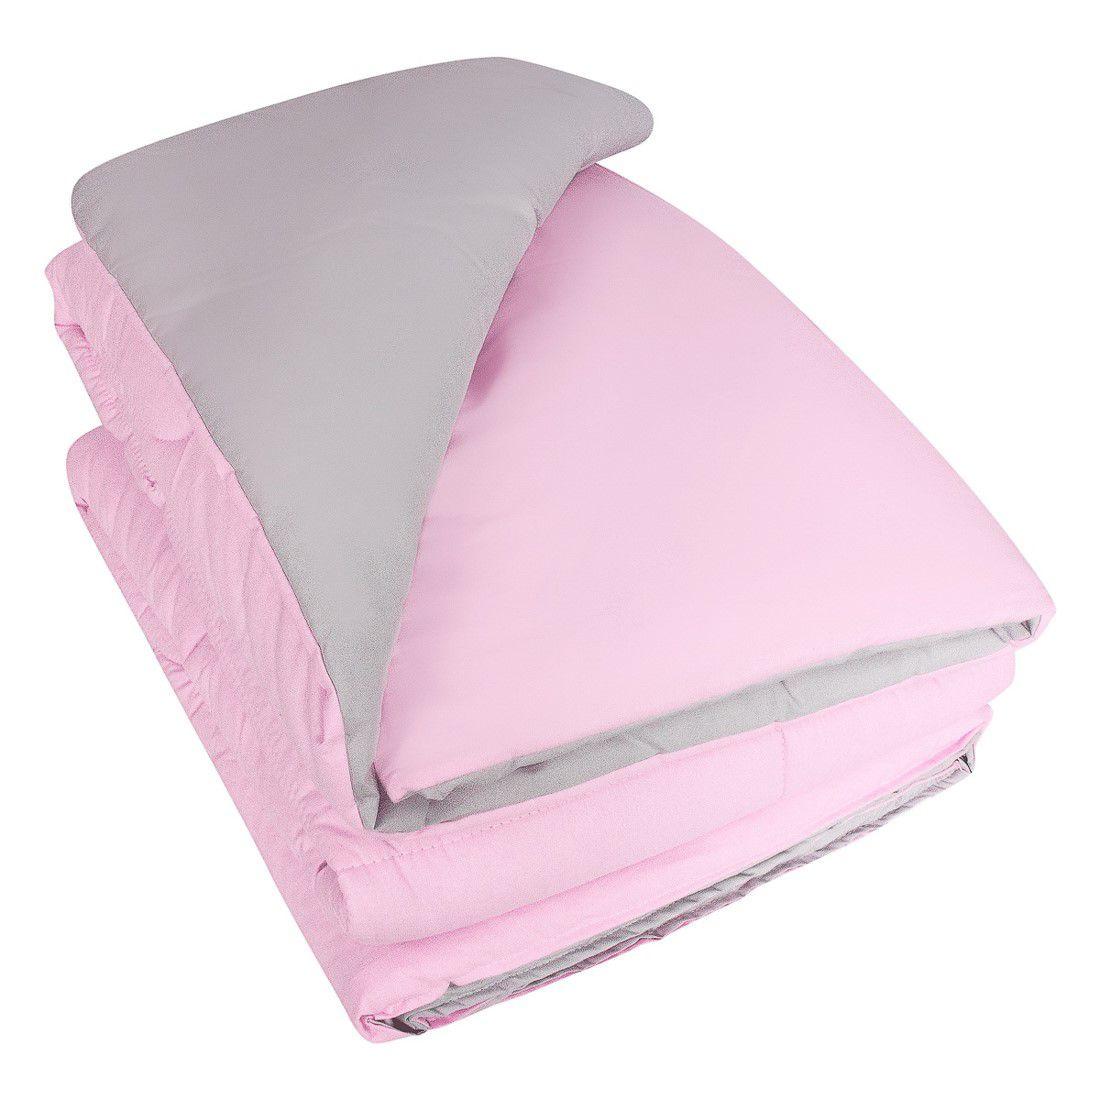 Edredom dupla face rosa claro e cinza